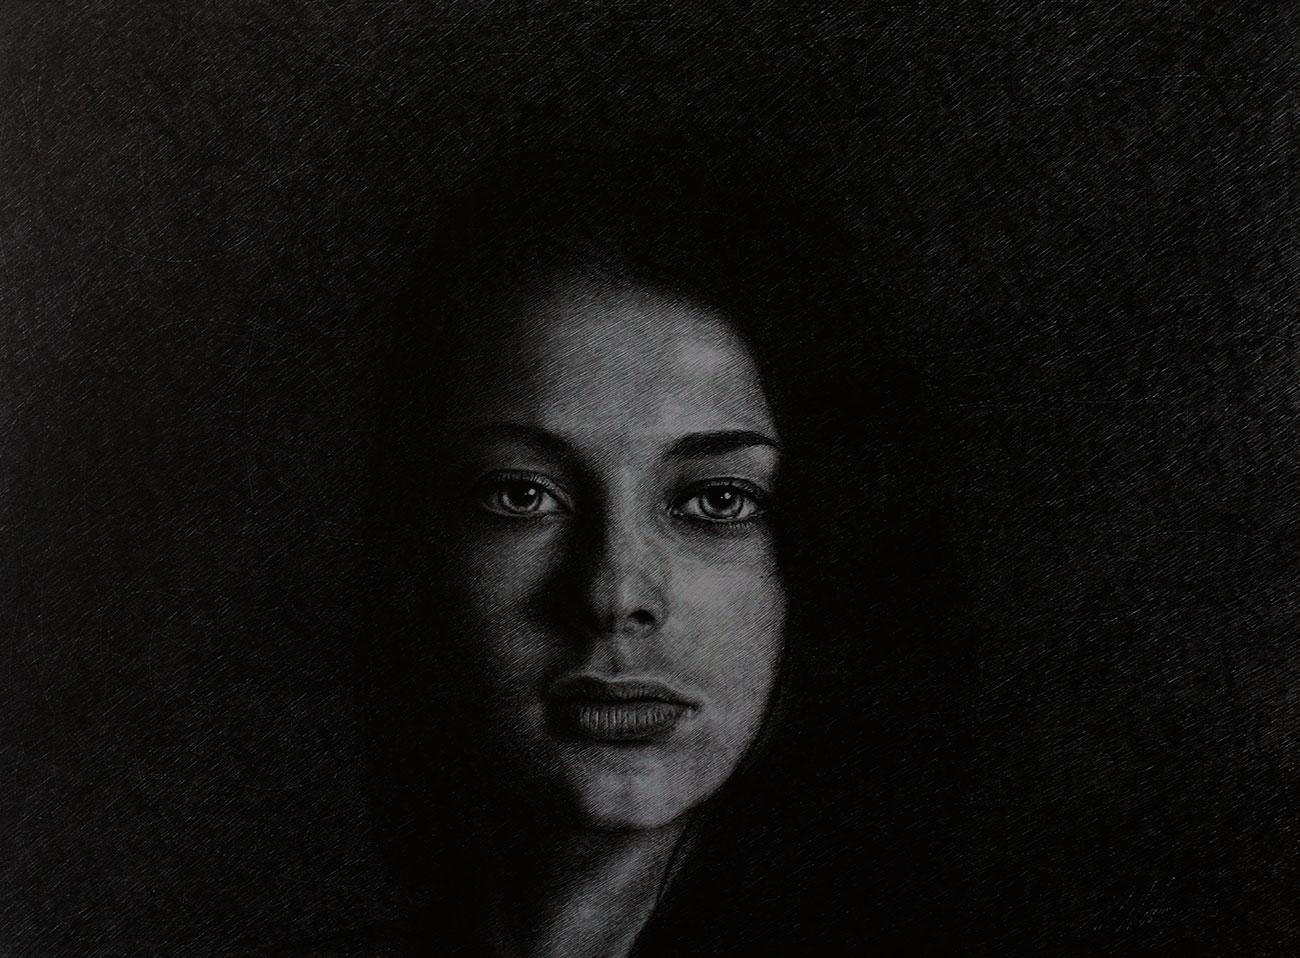 Nicola De Luca - Secrète